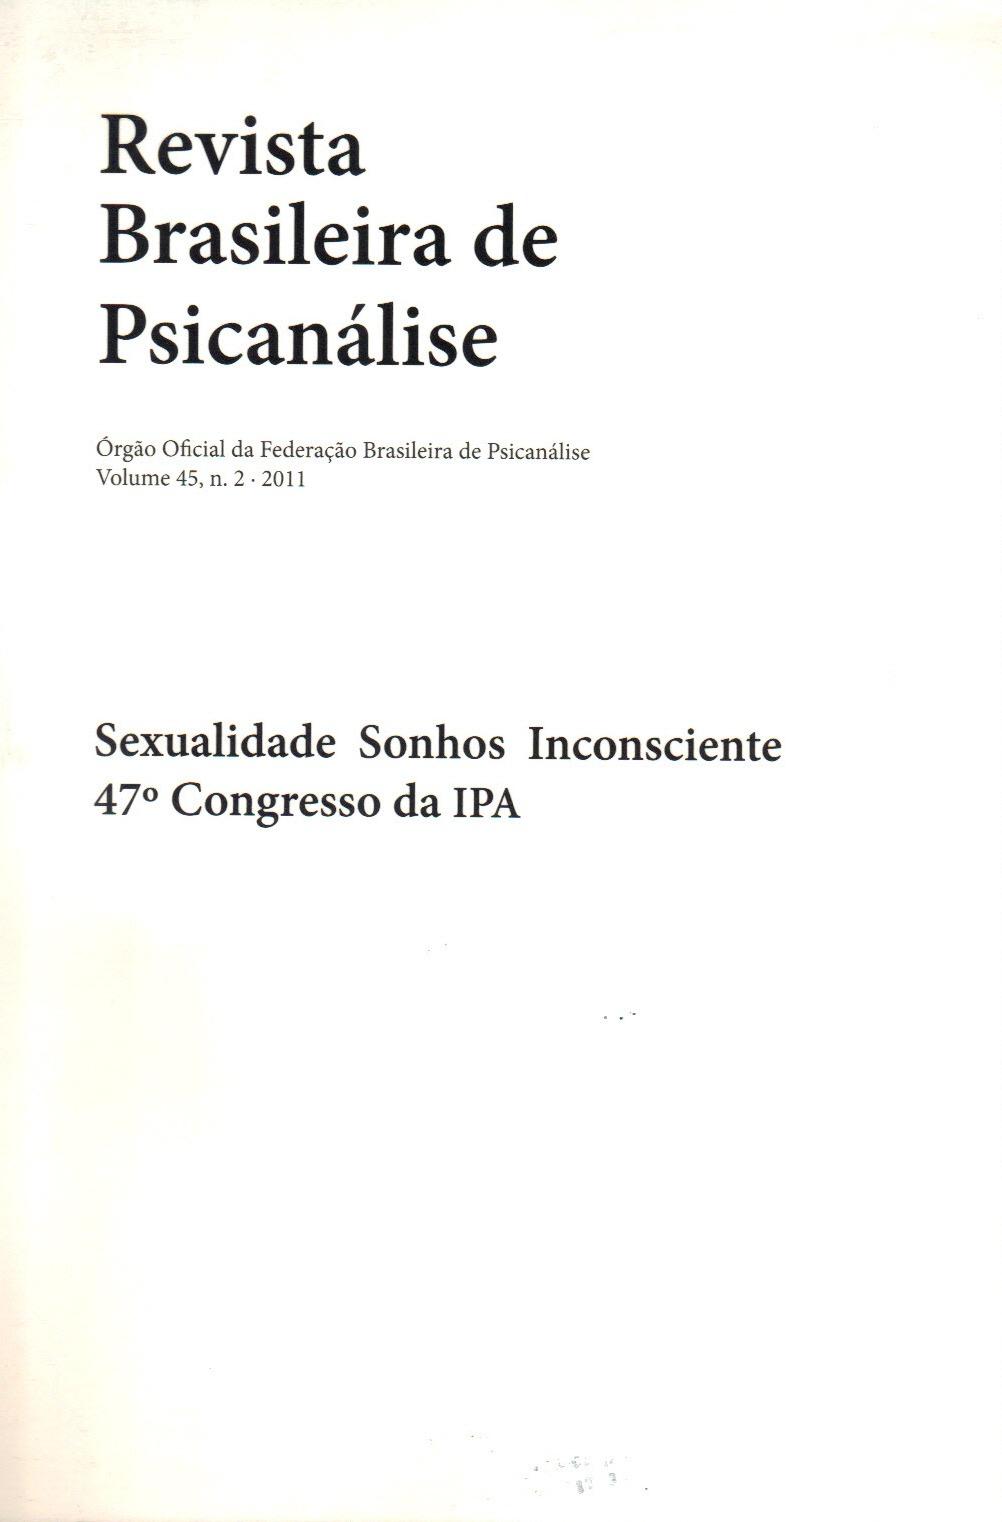 Sexualidade Sonhos Inconsciente 47º Congresso da IPA